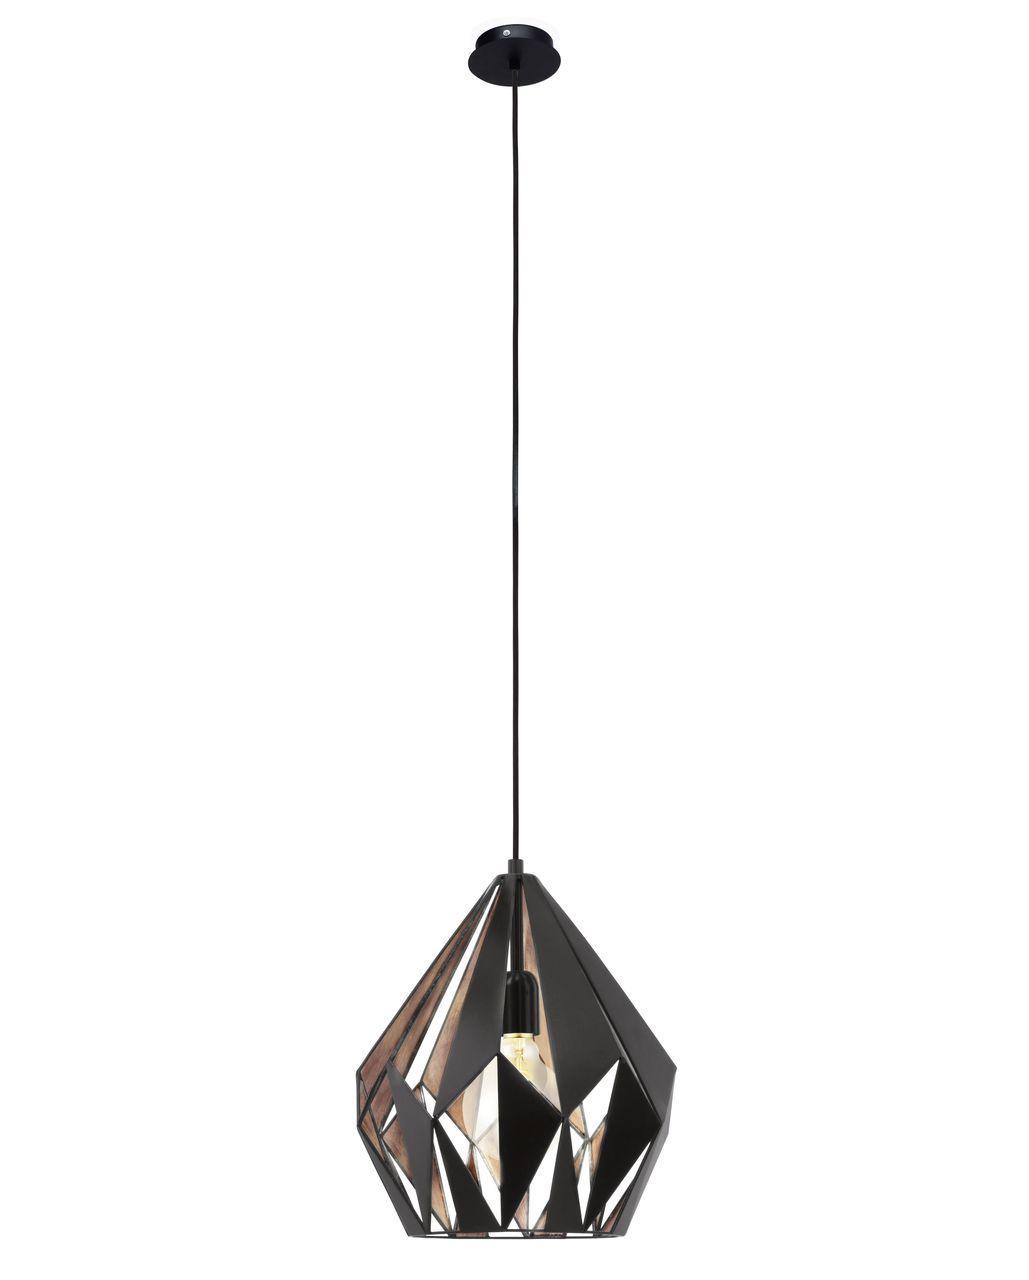 Подвесной светильник Eglo Vintage 49254 подвесной светильник eglo vintage 49254